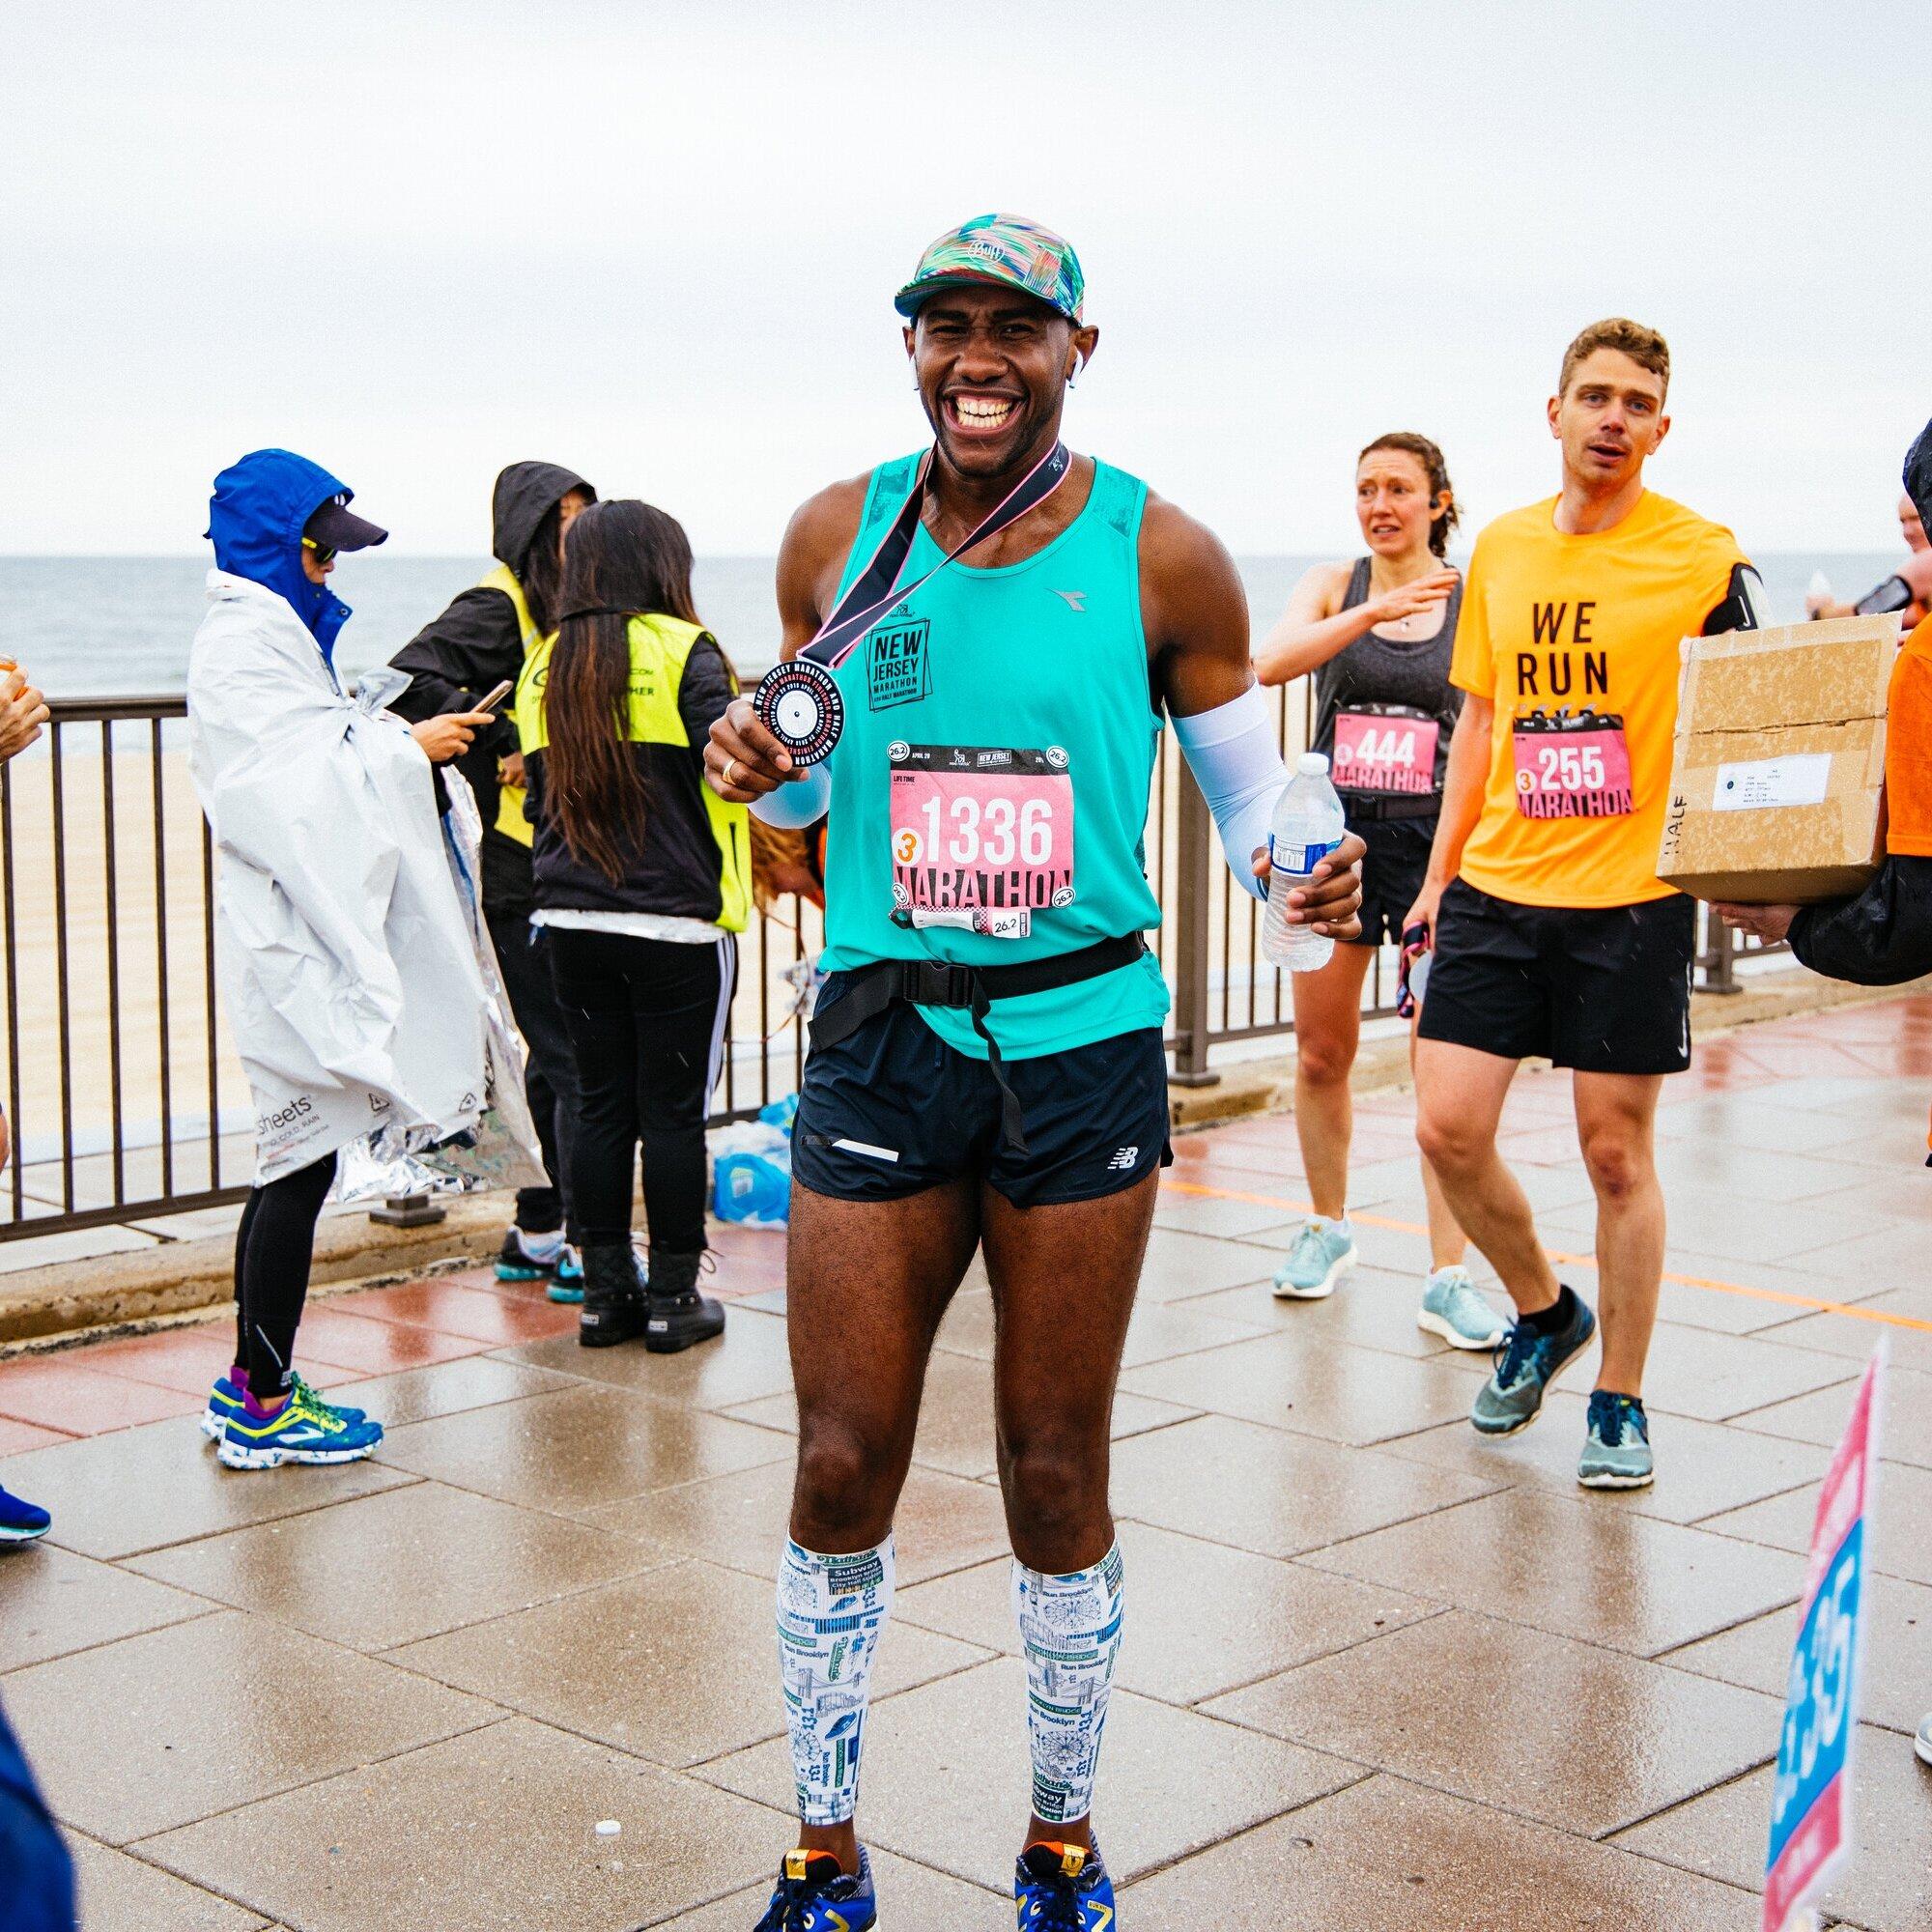 Marathon & Half — The Novo Nordisk New Jersey Marathon & Half Marathon